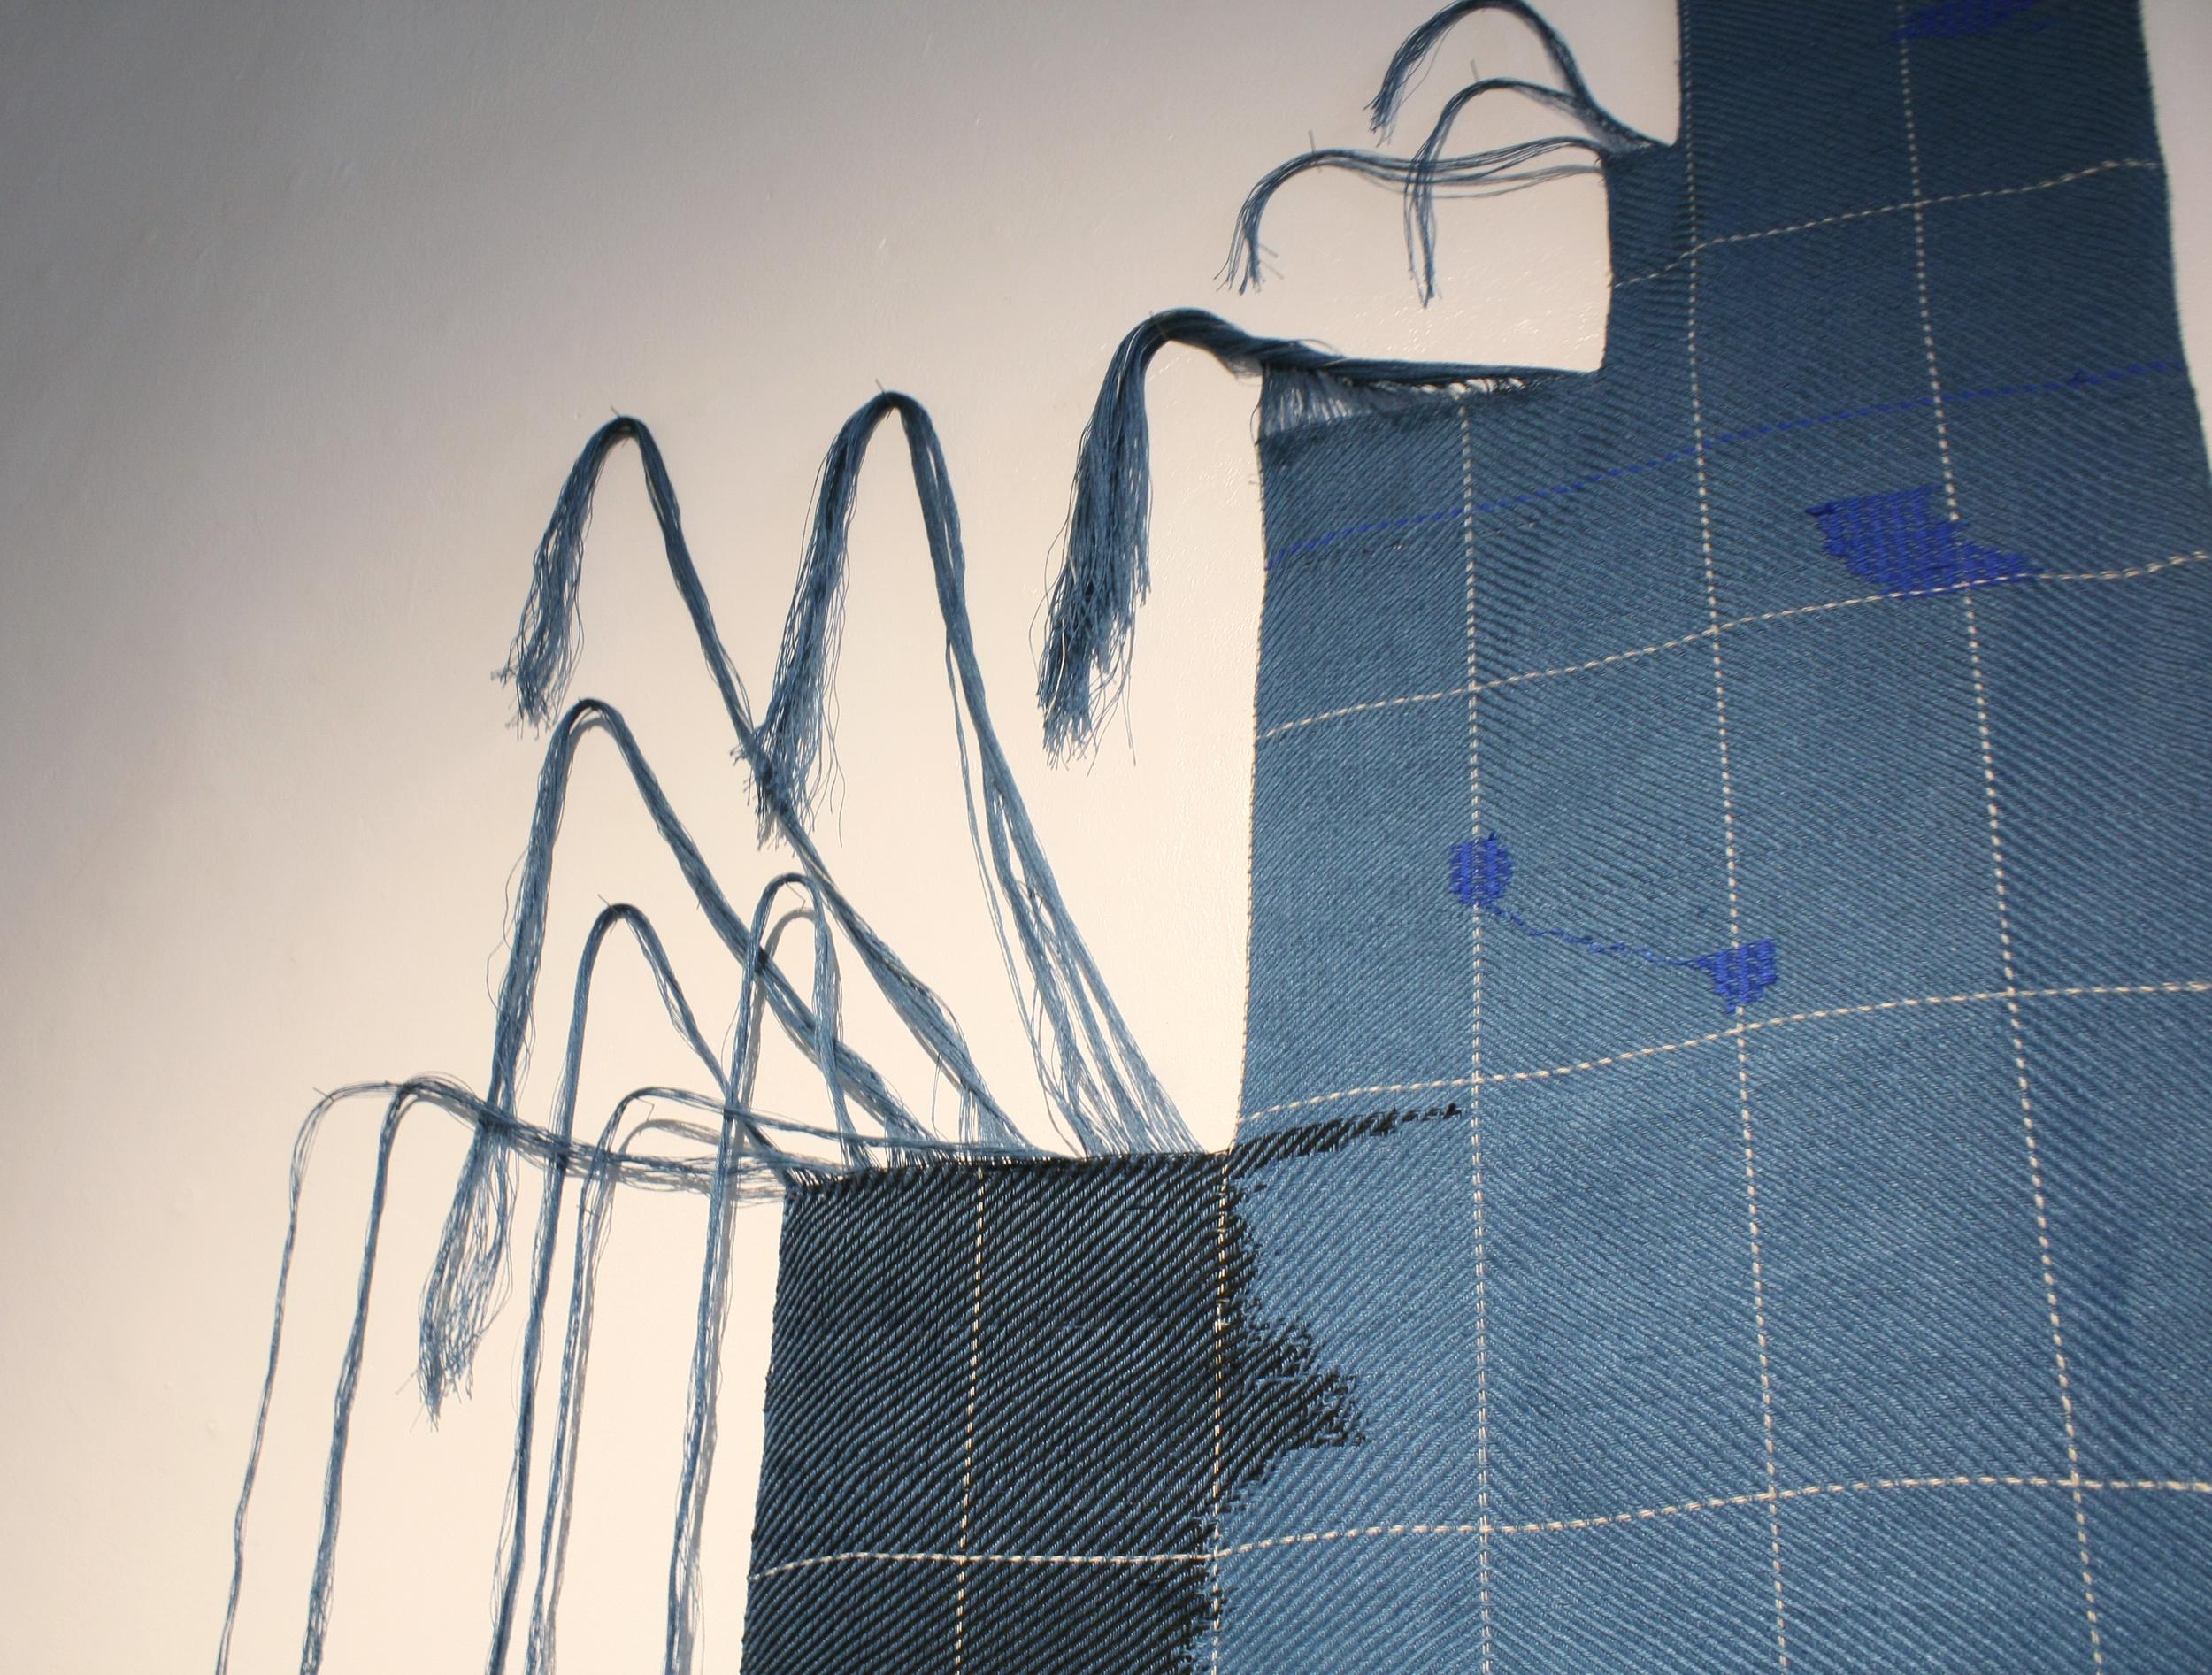 drape2.jpg